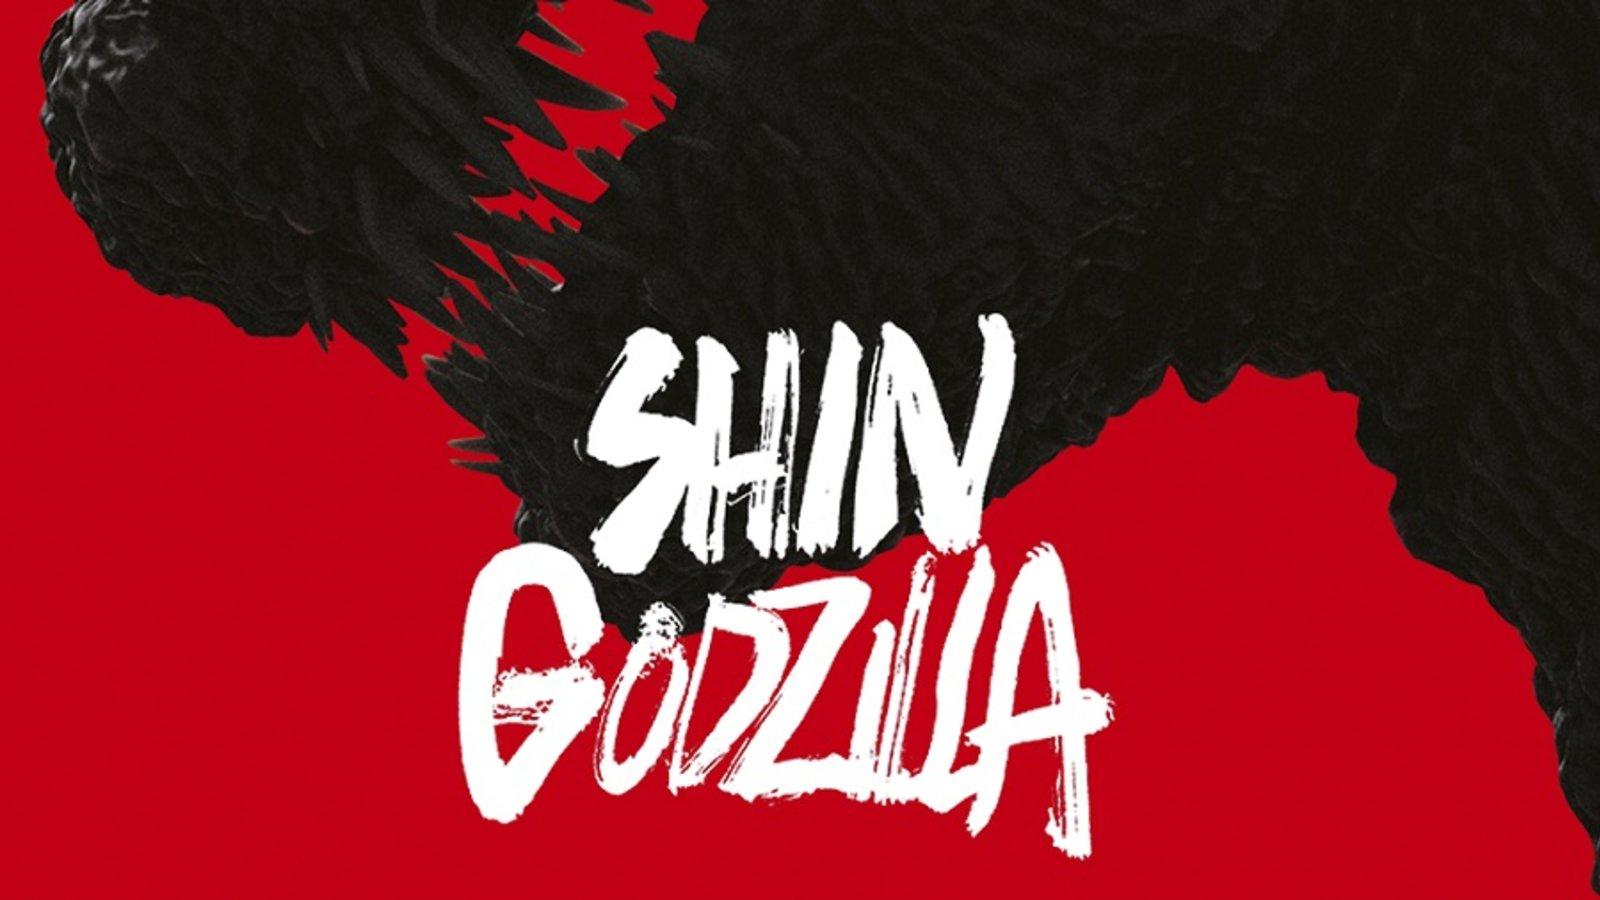 Shin Godzilla - Shin Gojira